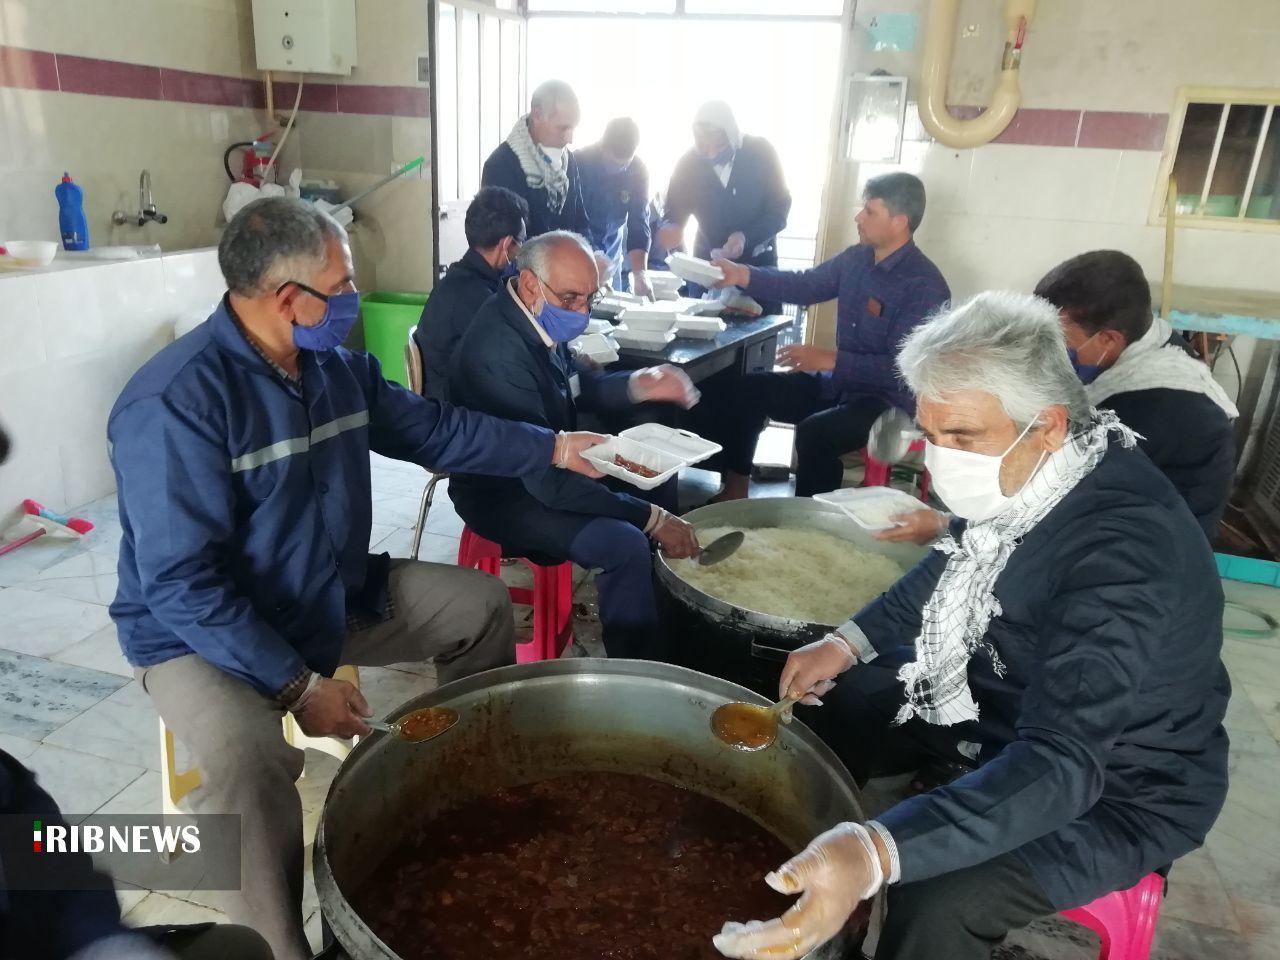 کمک دفتر رهبرمعظم انقلاب برای اطعام نیازمندان عشق آباد